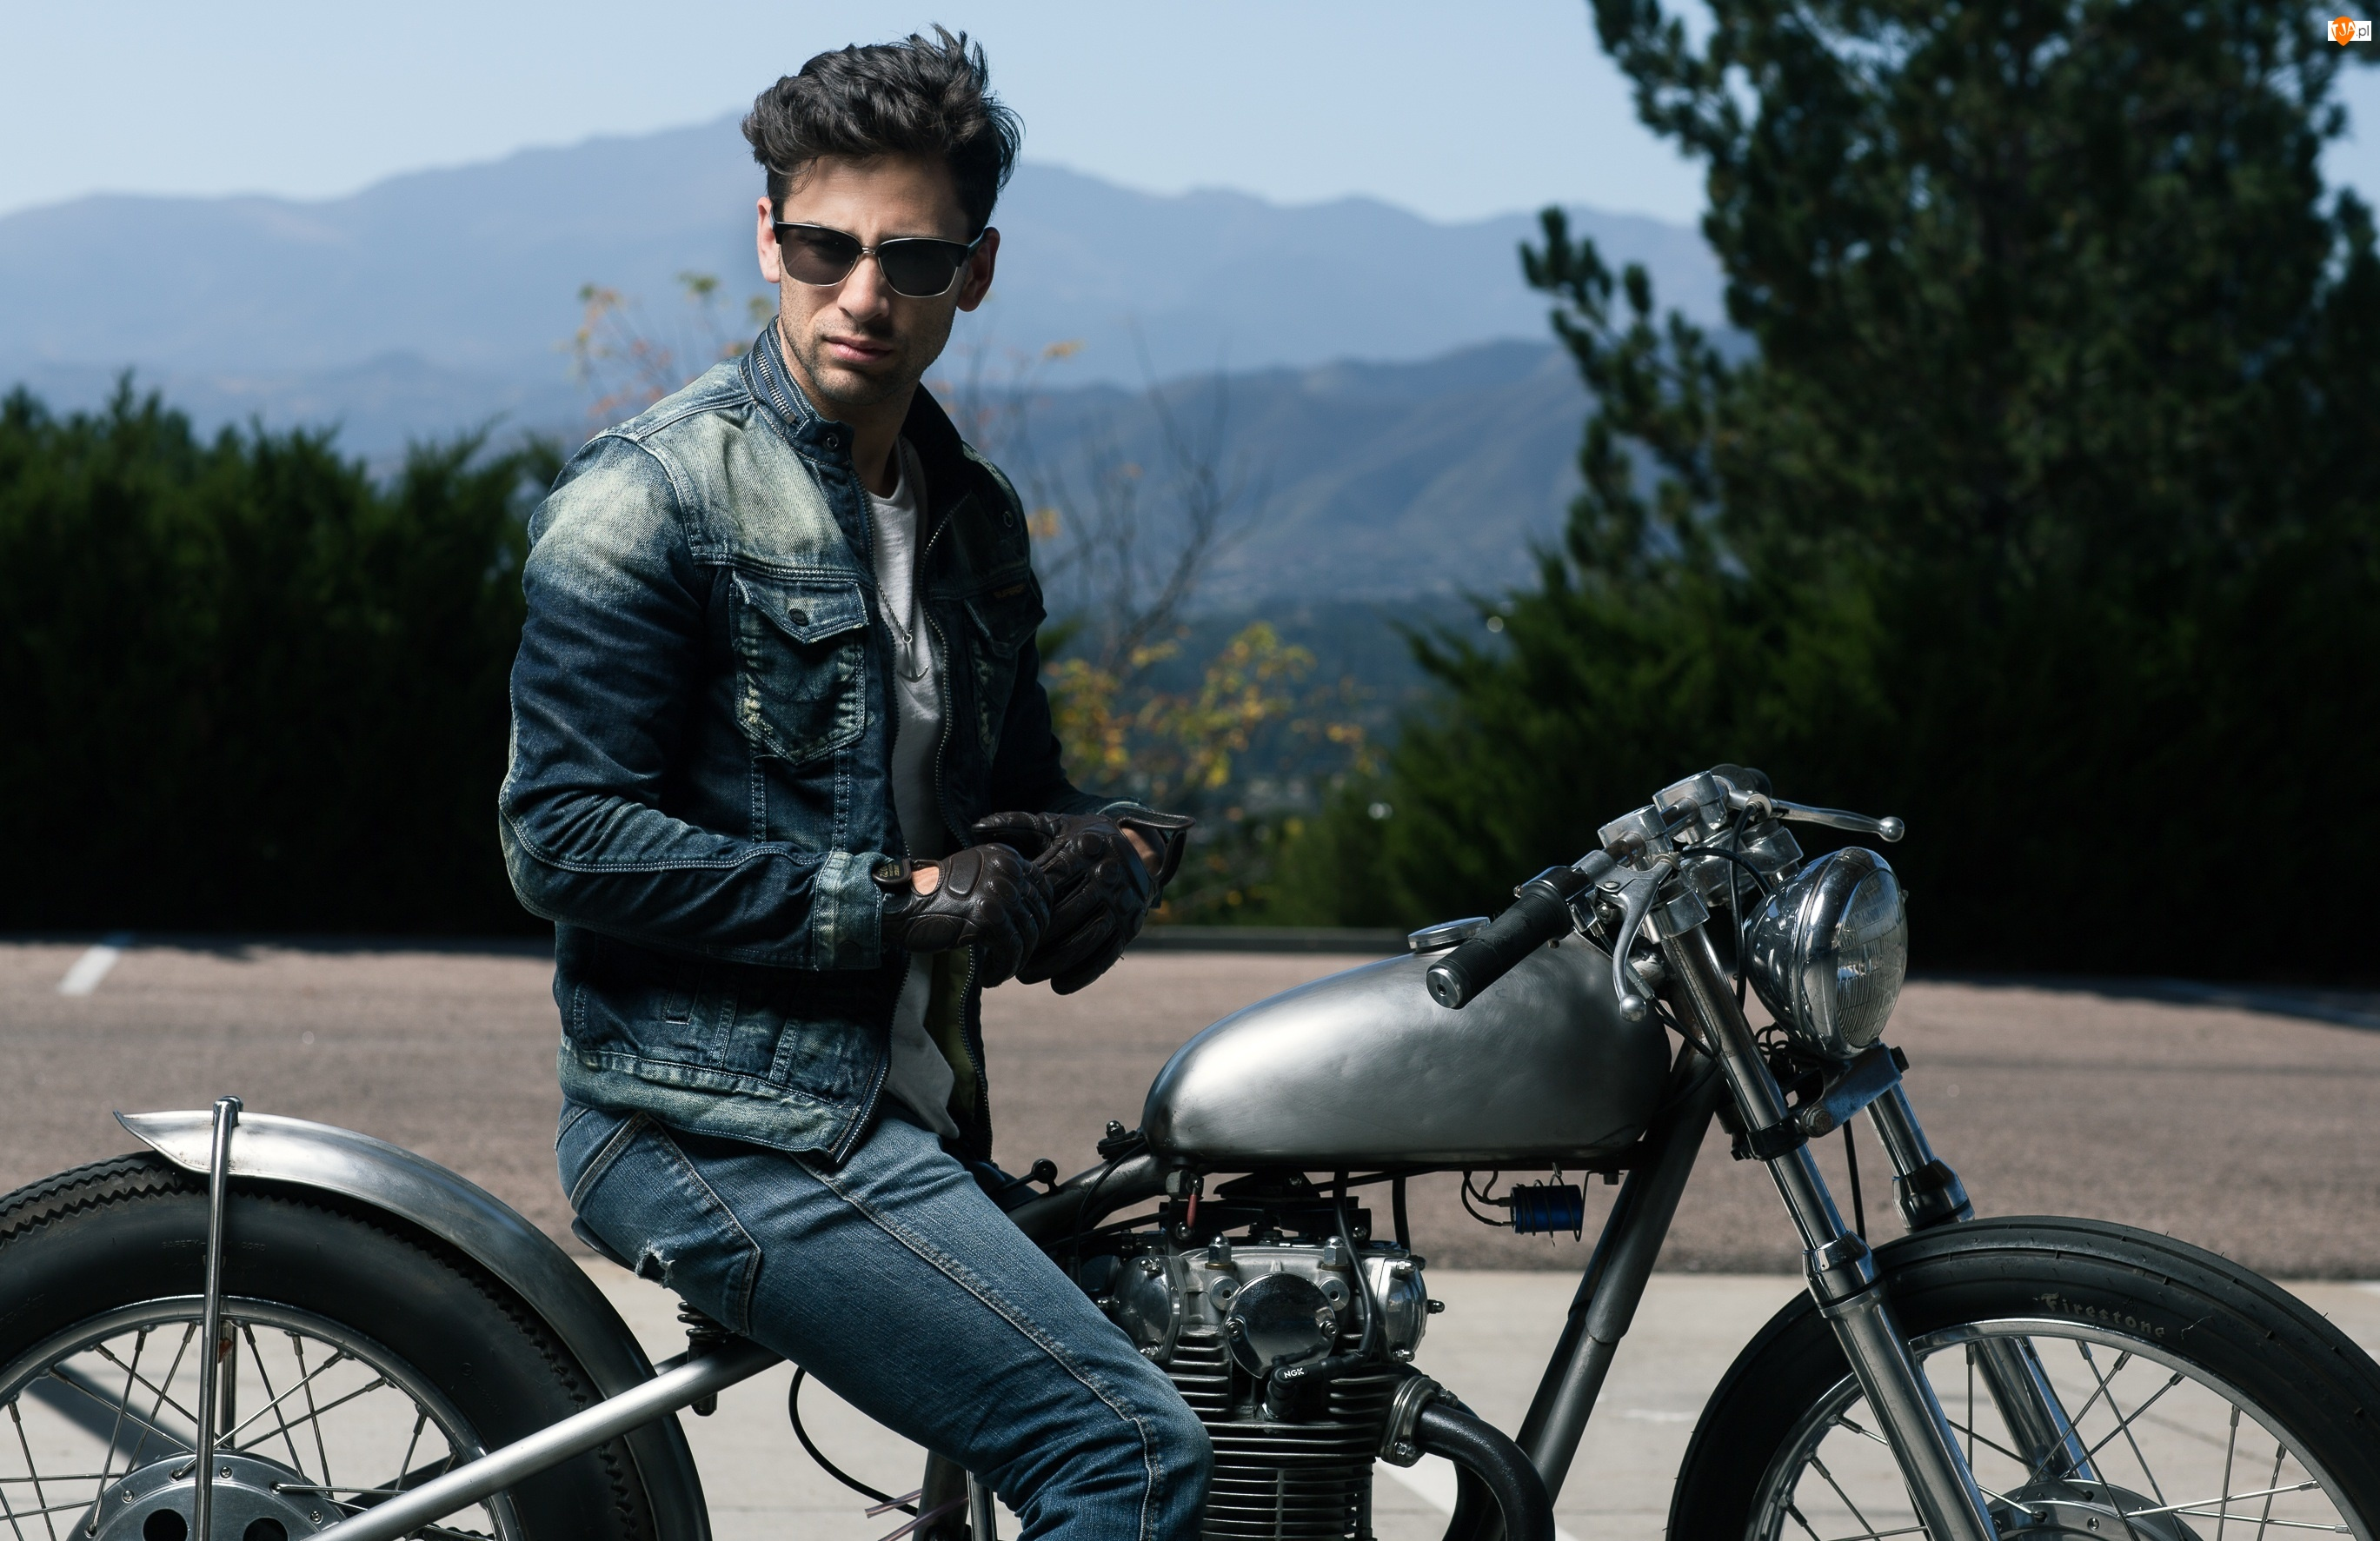 Motocykl, Mężczyzna, Okulary